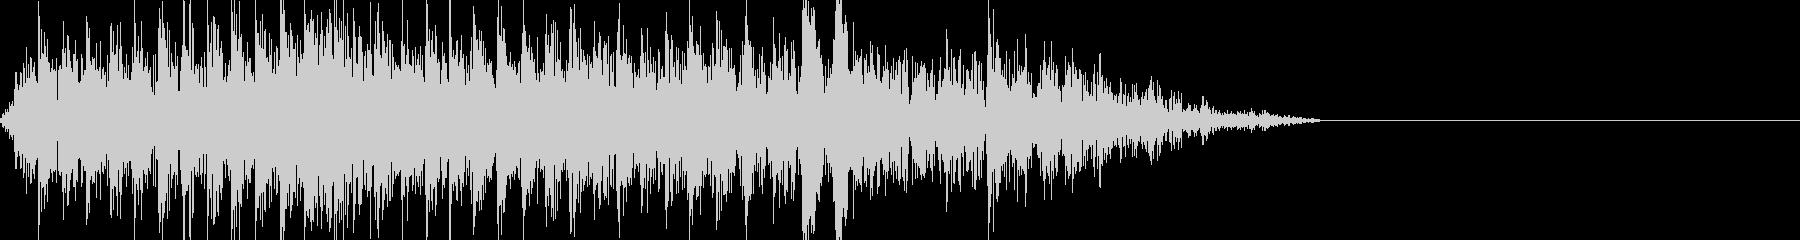 工事現場の音 の未再生の波形